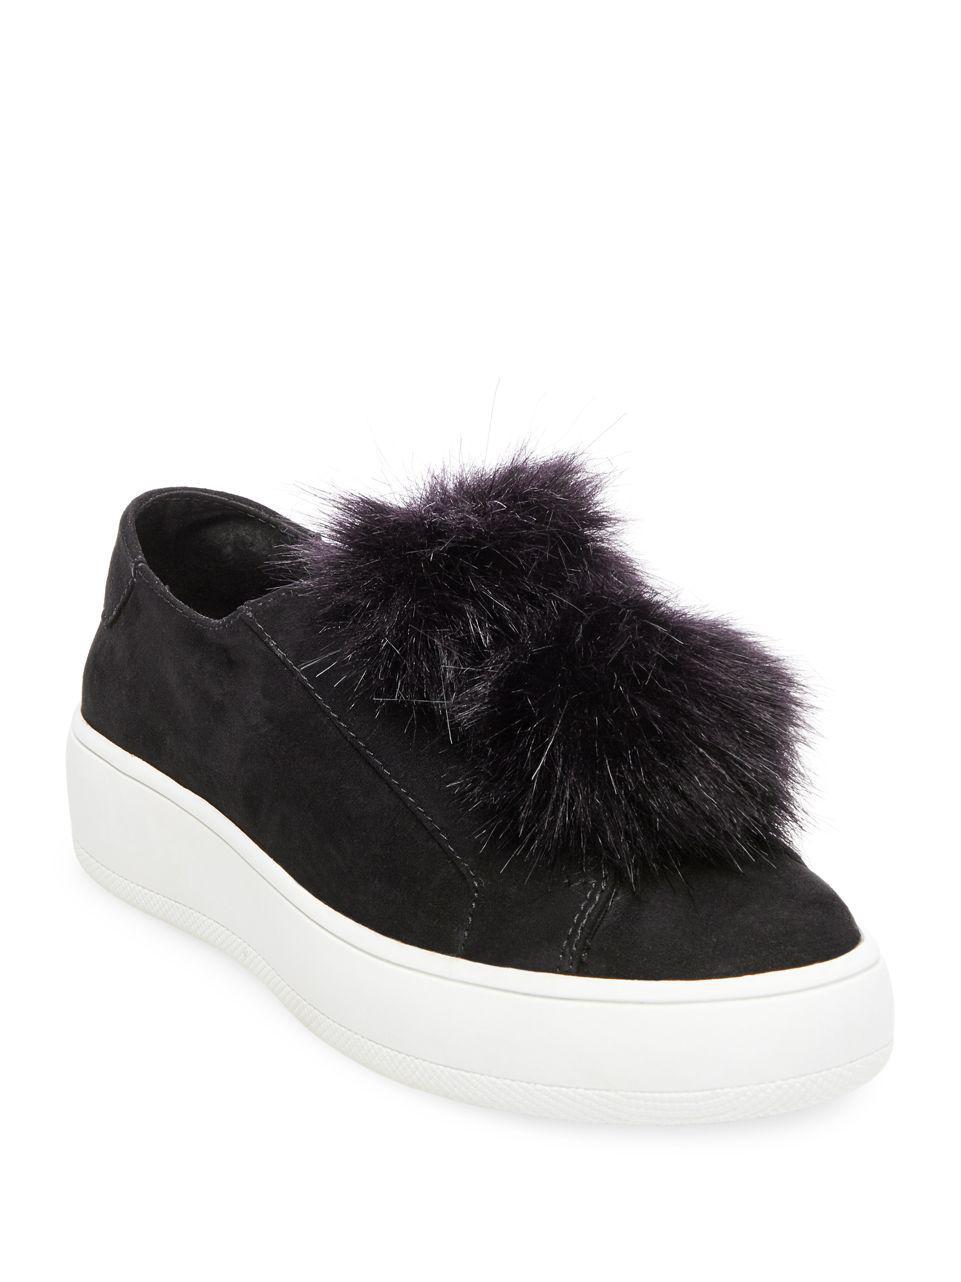 7506e366a3a Steve Madden - Black 'bryanne' Puffball Platform Sneaker - Lyst